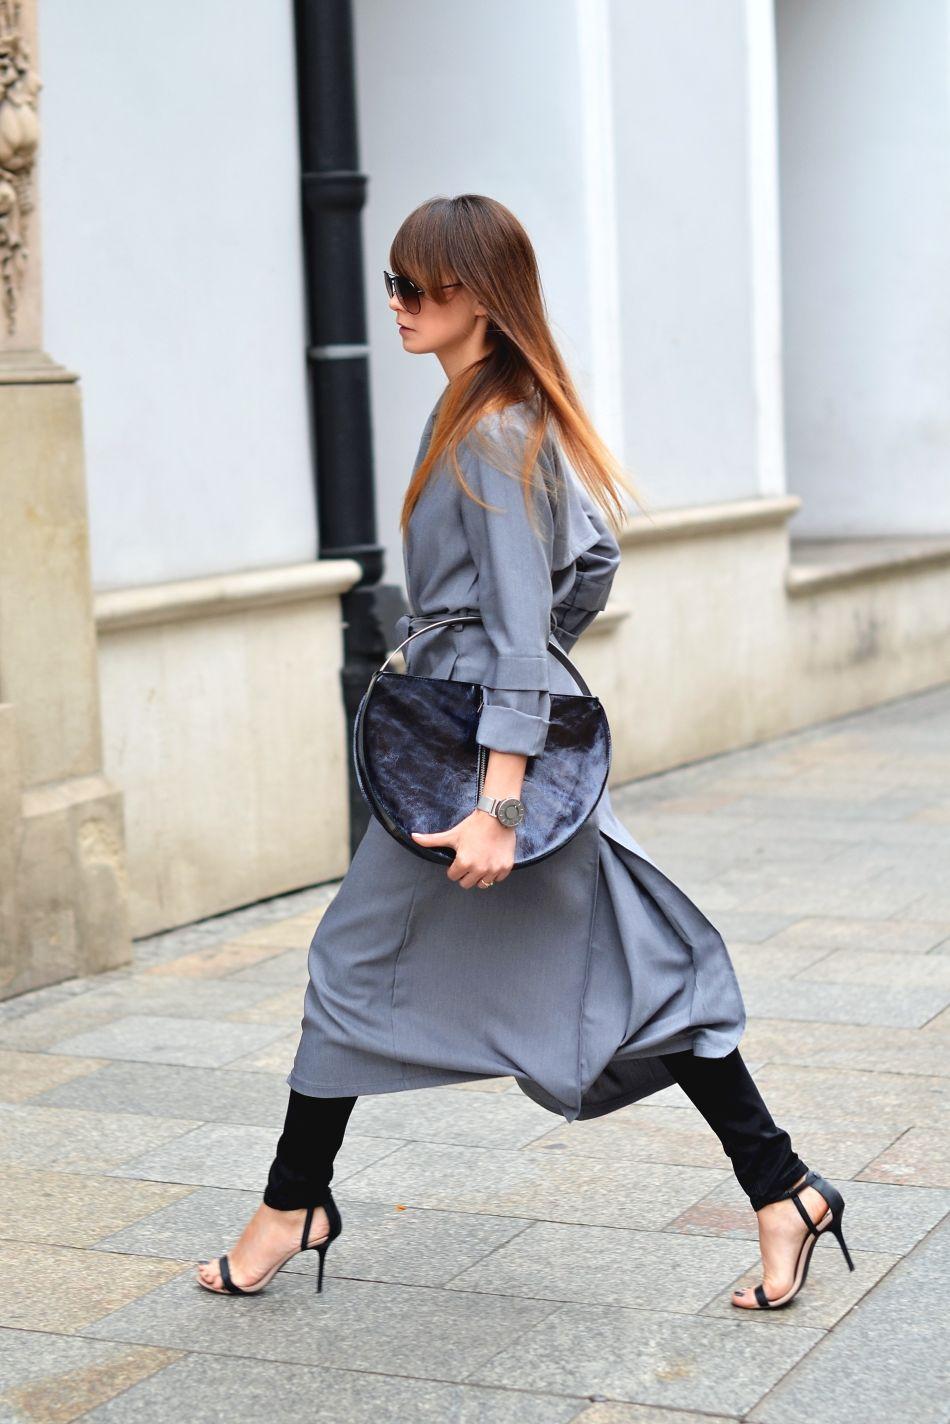 plaszcz na jesien | szary dlugi plaszcz gdzie | gdzie kupie plaszcz na jesien | blogi o modzie | blog o modzie | blog modowy | najlepsze blogi z krakowa | cammy blog | kamila mraz | stylistka krakow | przekonania